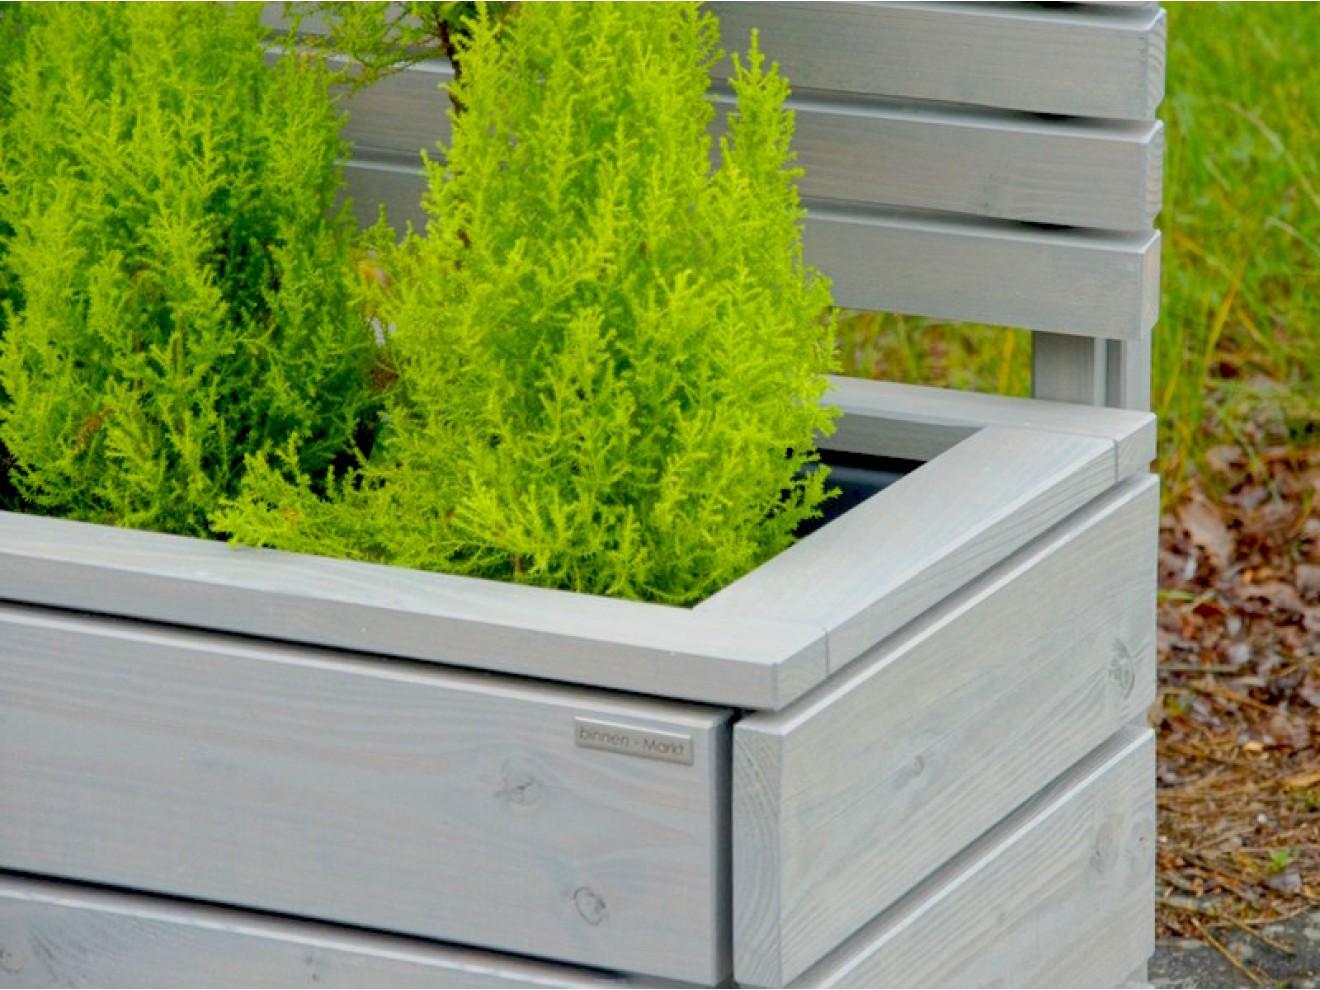 Pflanzkasten Mit Sichtschutz Heimisches Holz Made In Germany